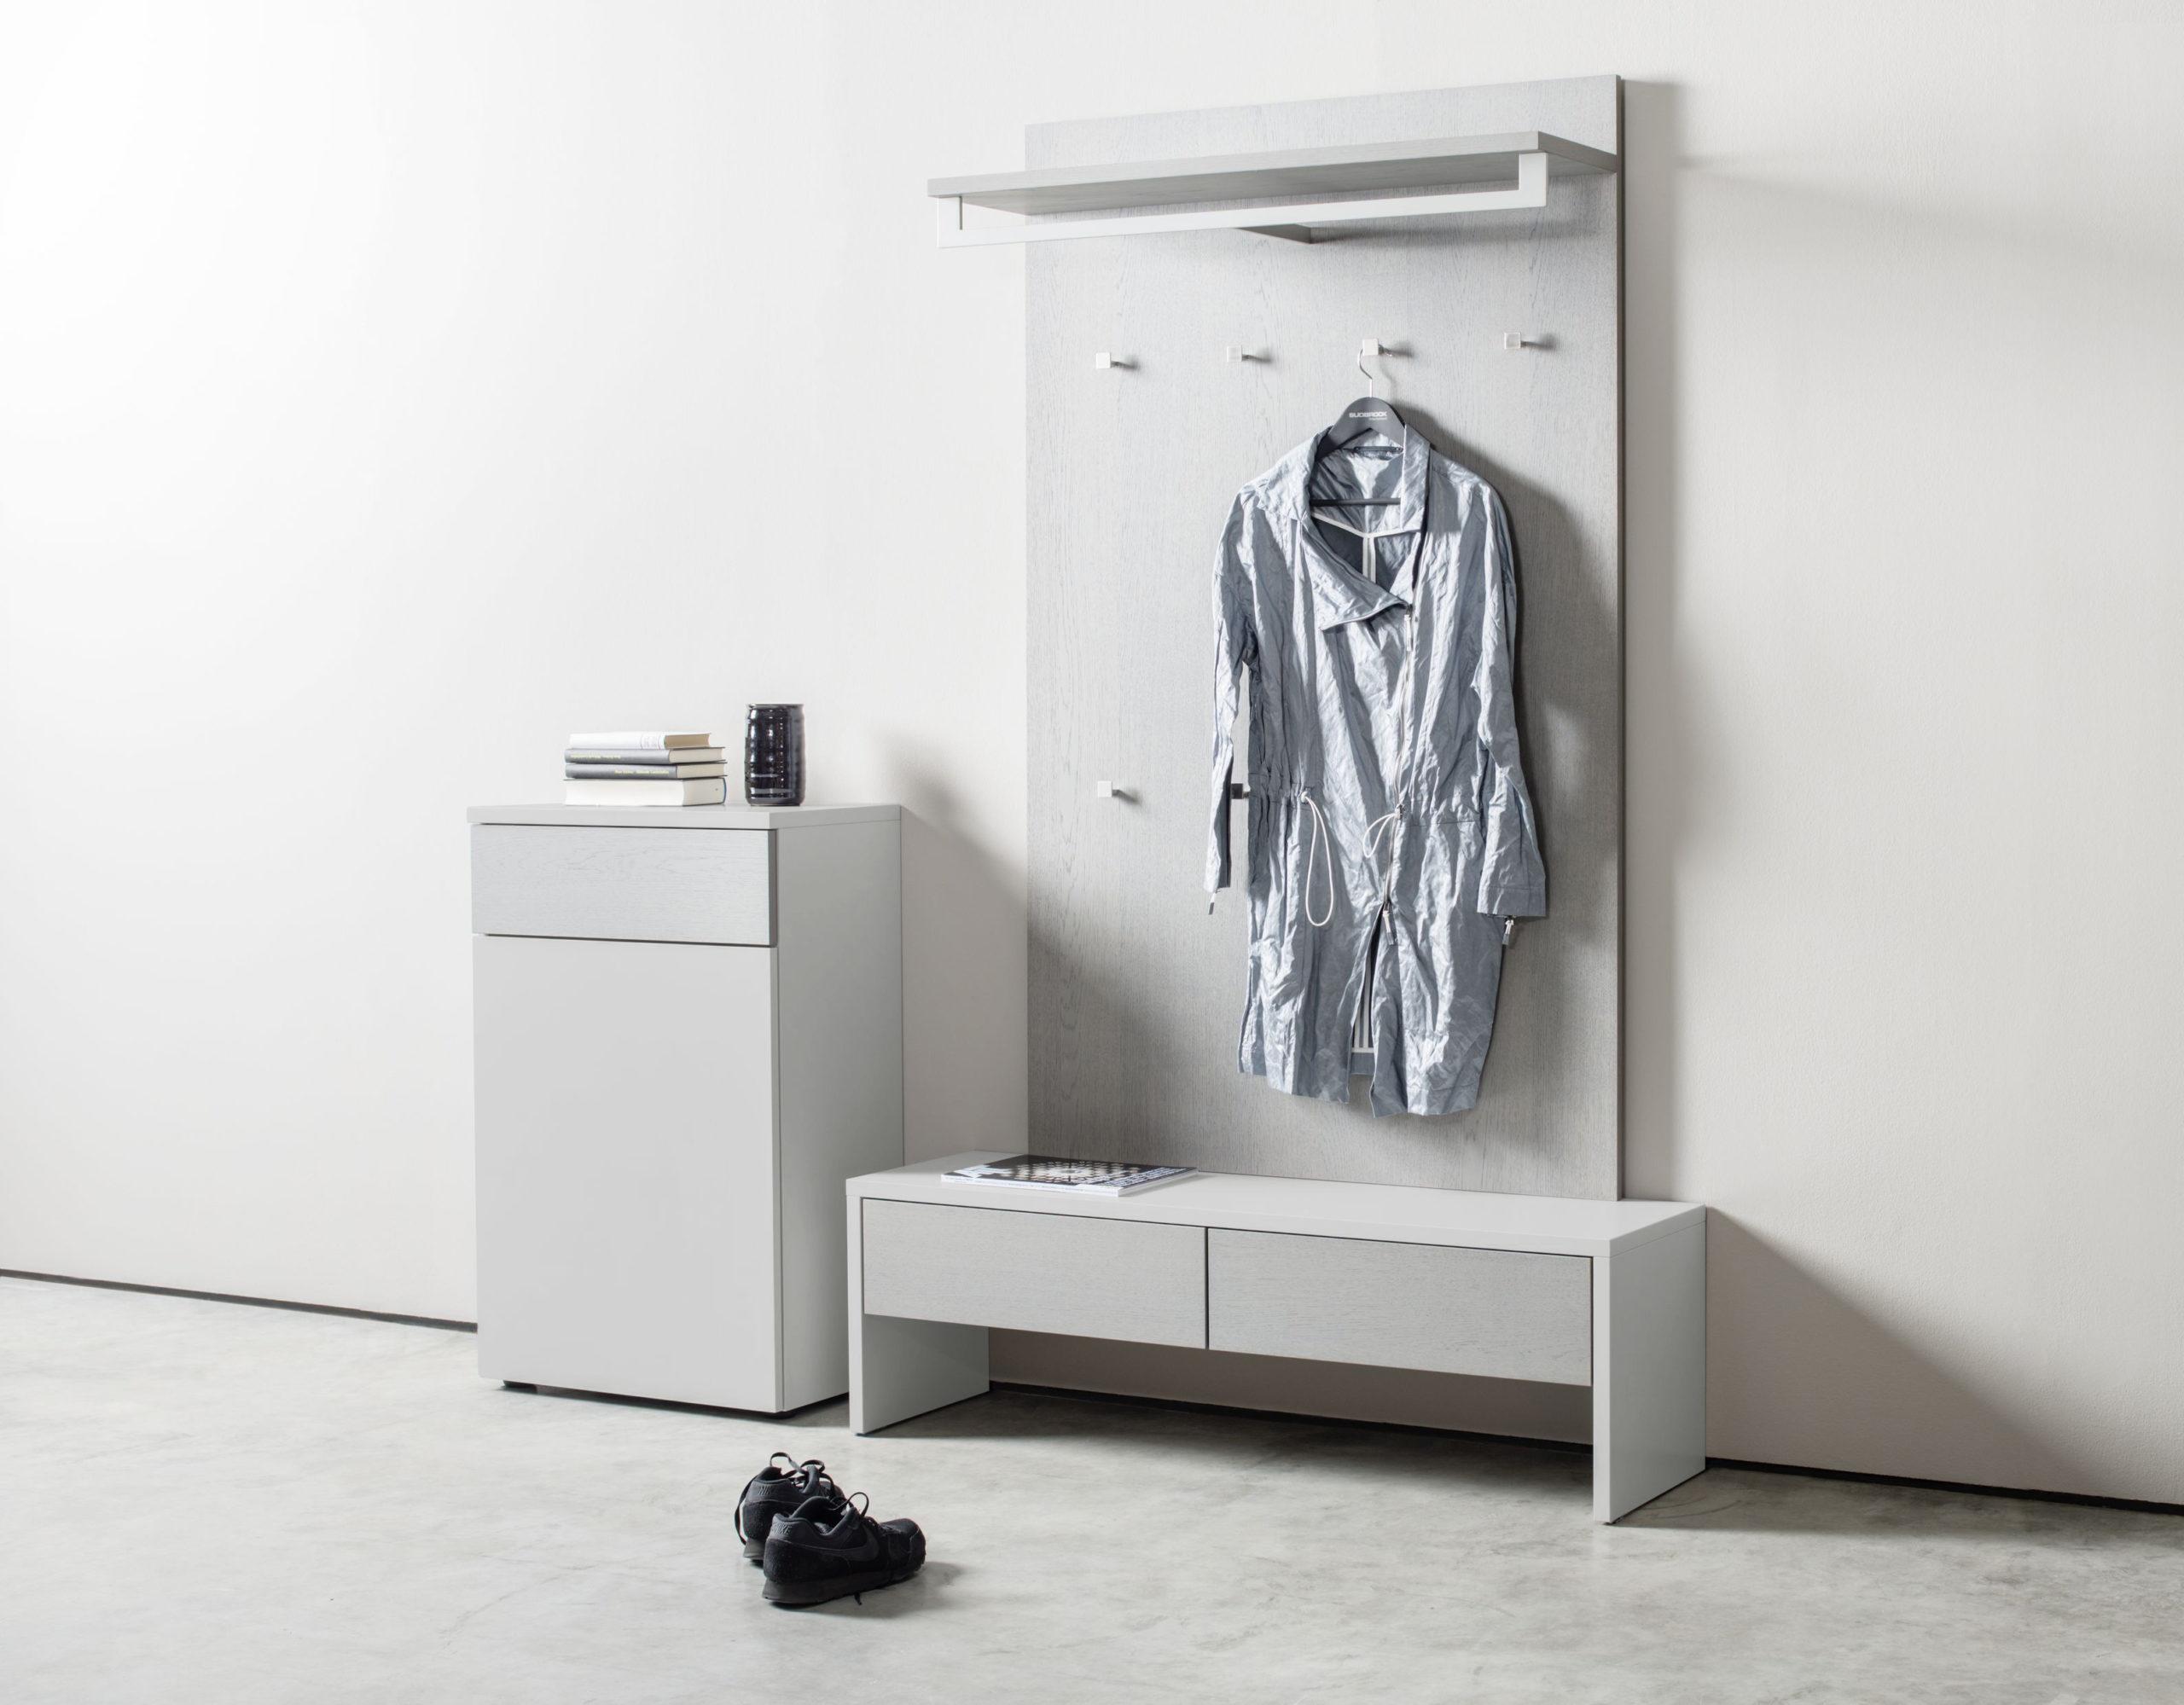 Sudbrock Garderobe TANDO 58 in der Ausführung Eiche grau kombiniert mit Akzent Lack steingrau #407